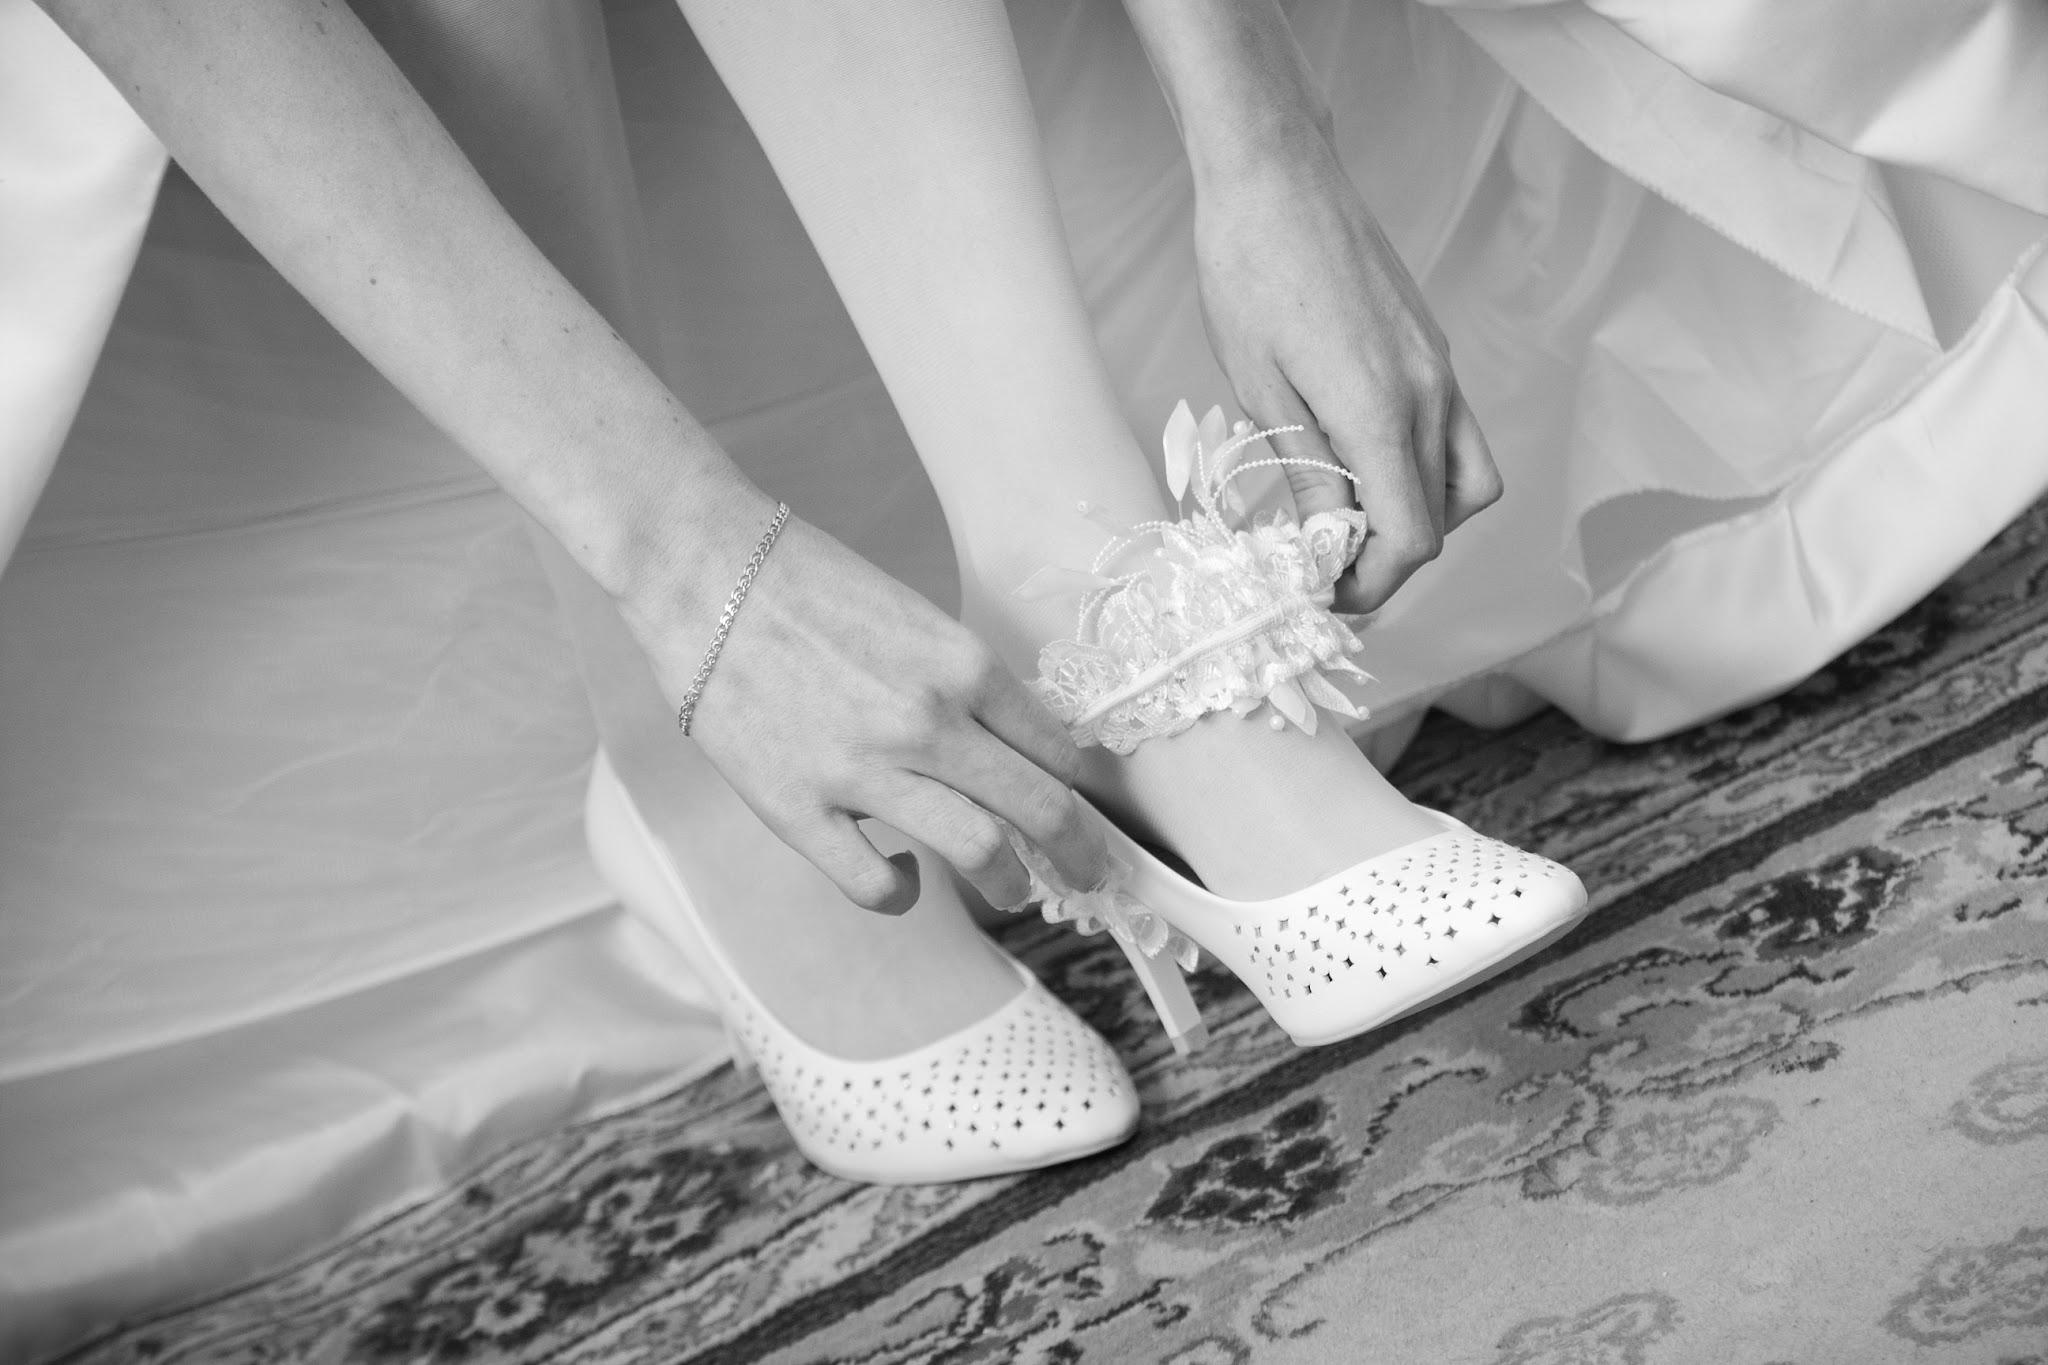 Фото невест нога на ногу, Снова невесты. Ножки (42 фото) » Триникси 14 фотография